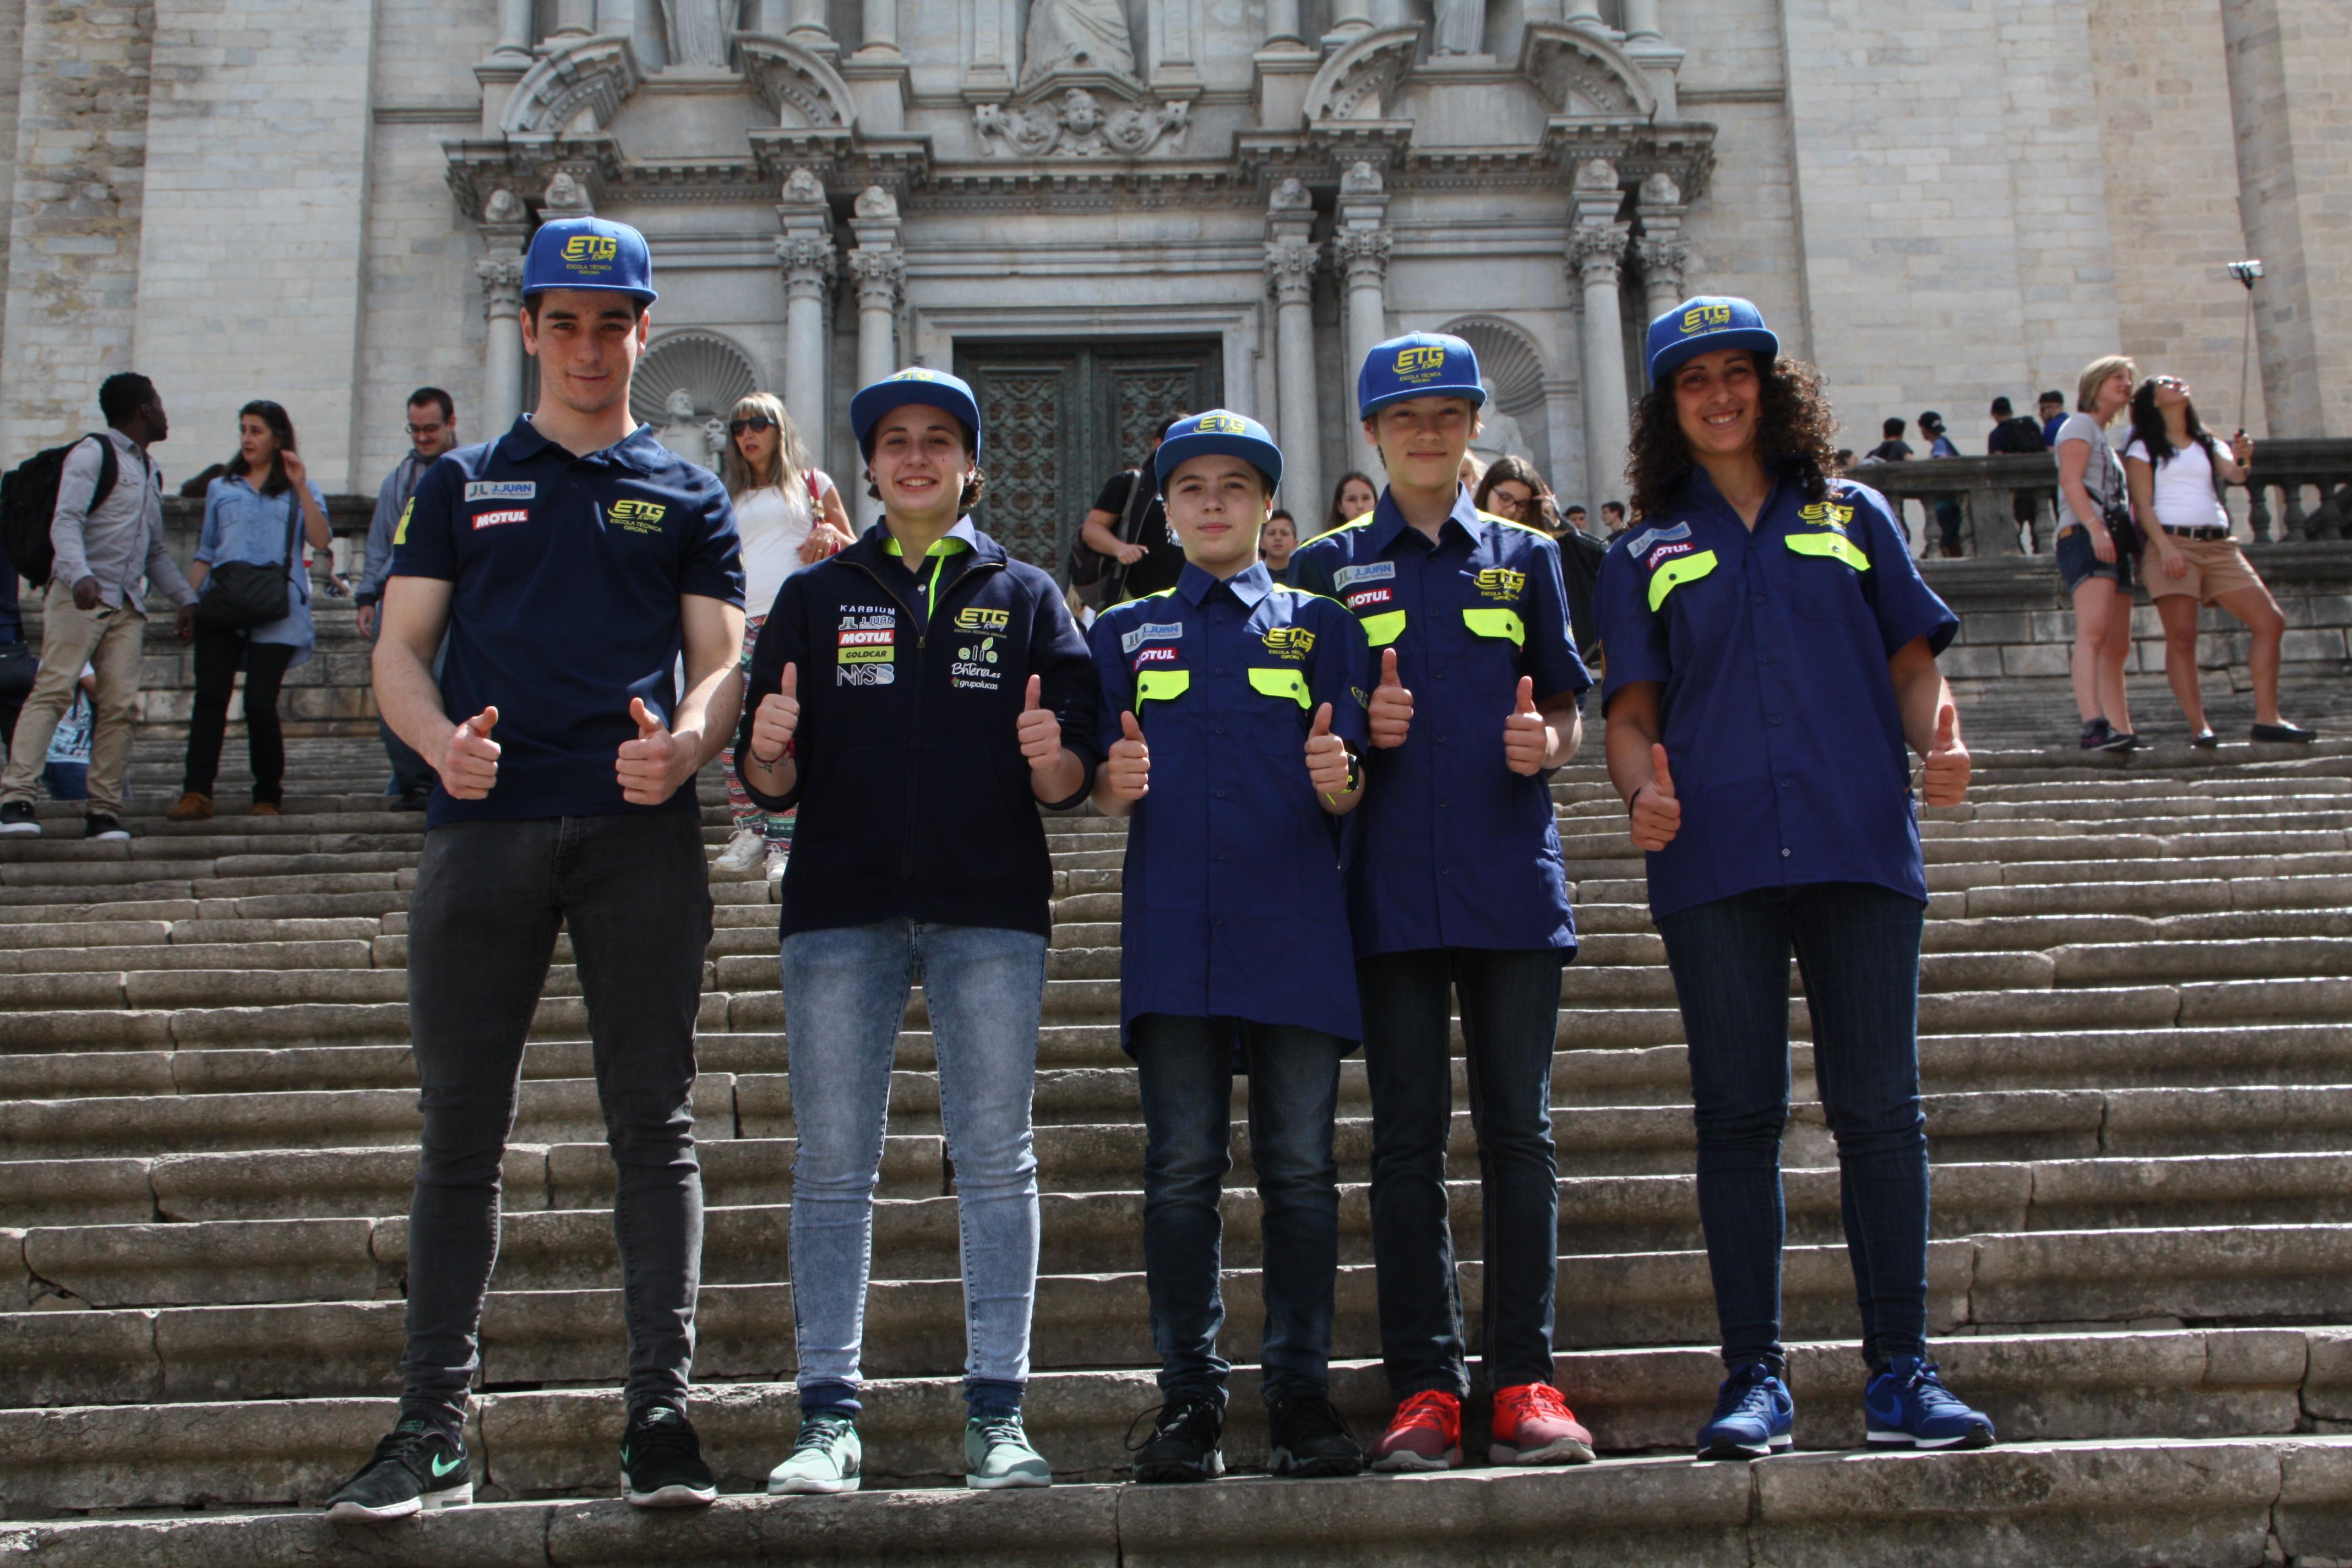 Presentació de l'equip gironí de motociclisme, ETG Ràcing, a la Diputació de Girona